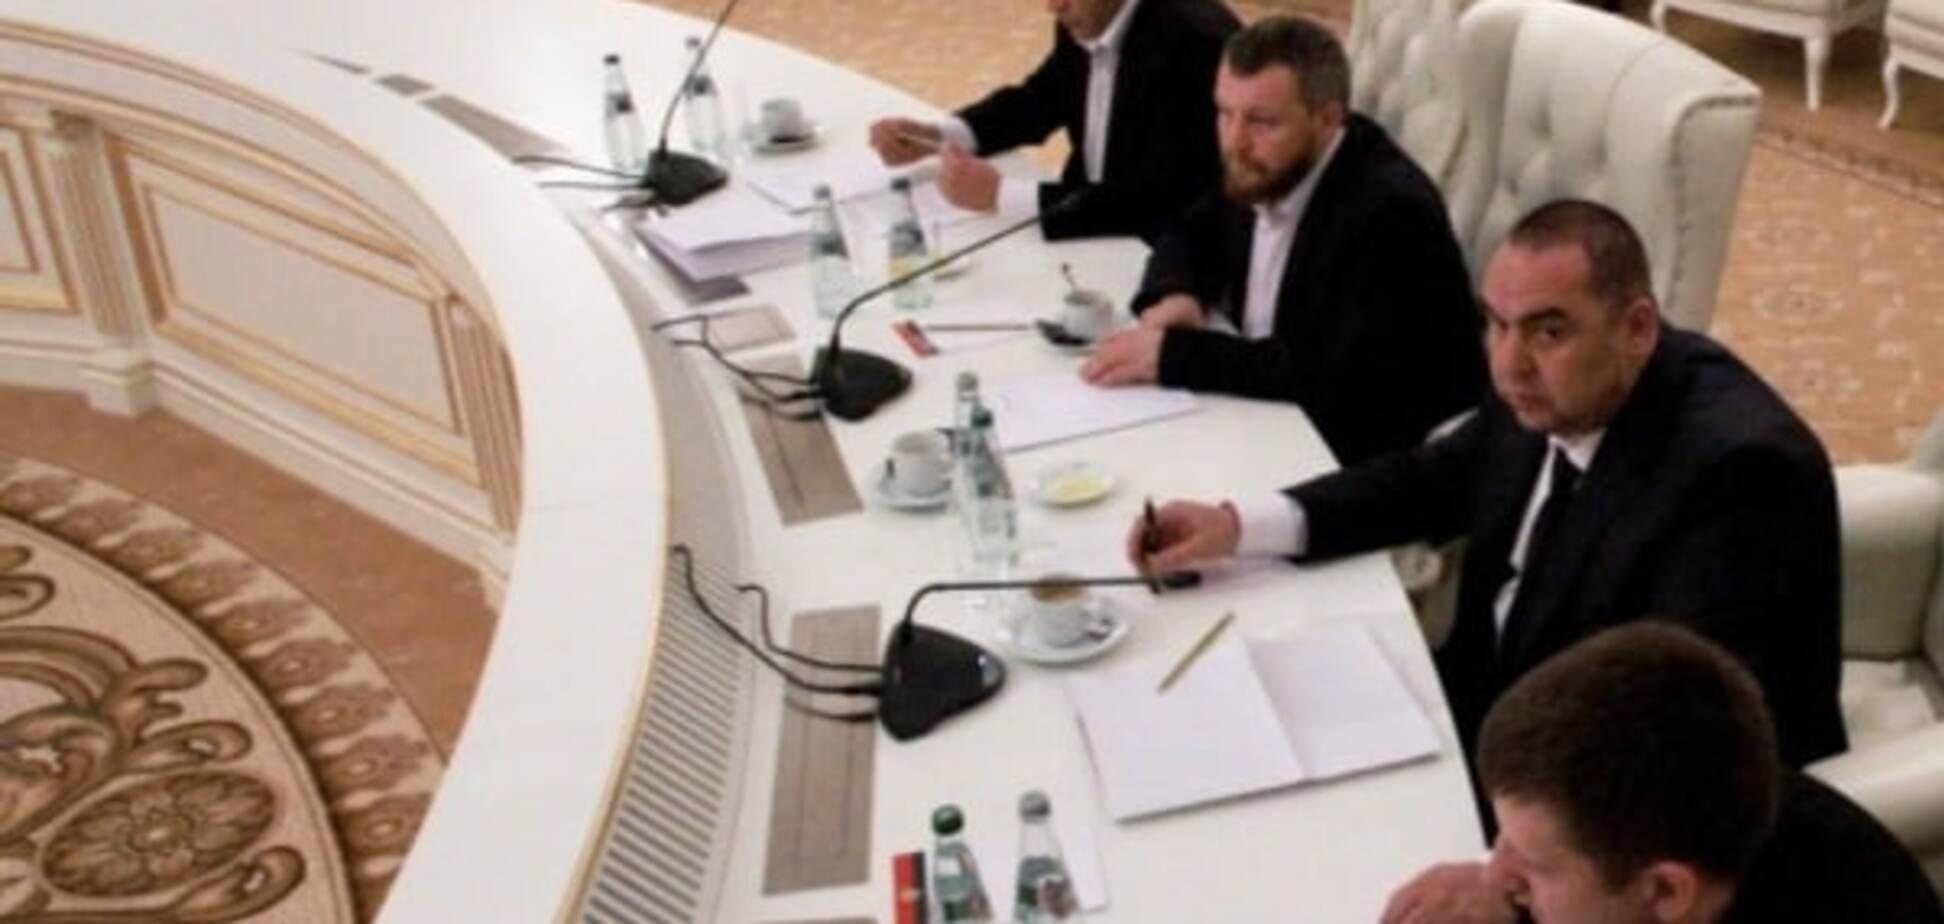 Переговоры в Минске по Донбассу: у Кучмы отчитались об успехах и провалах